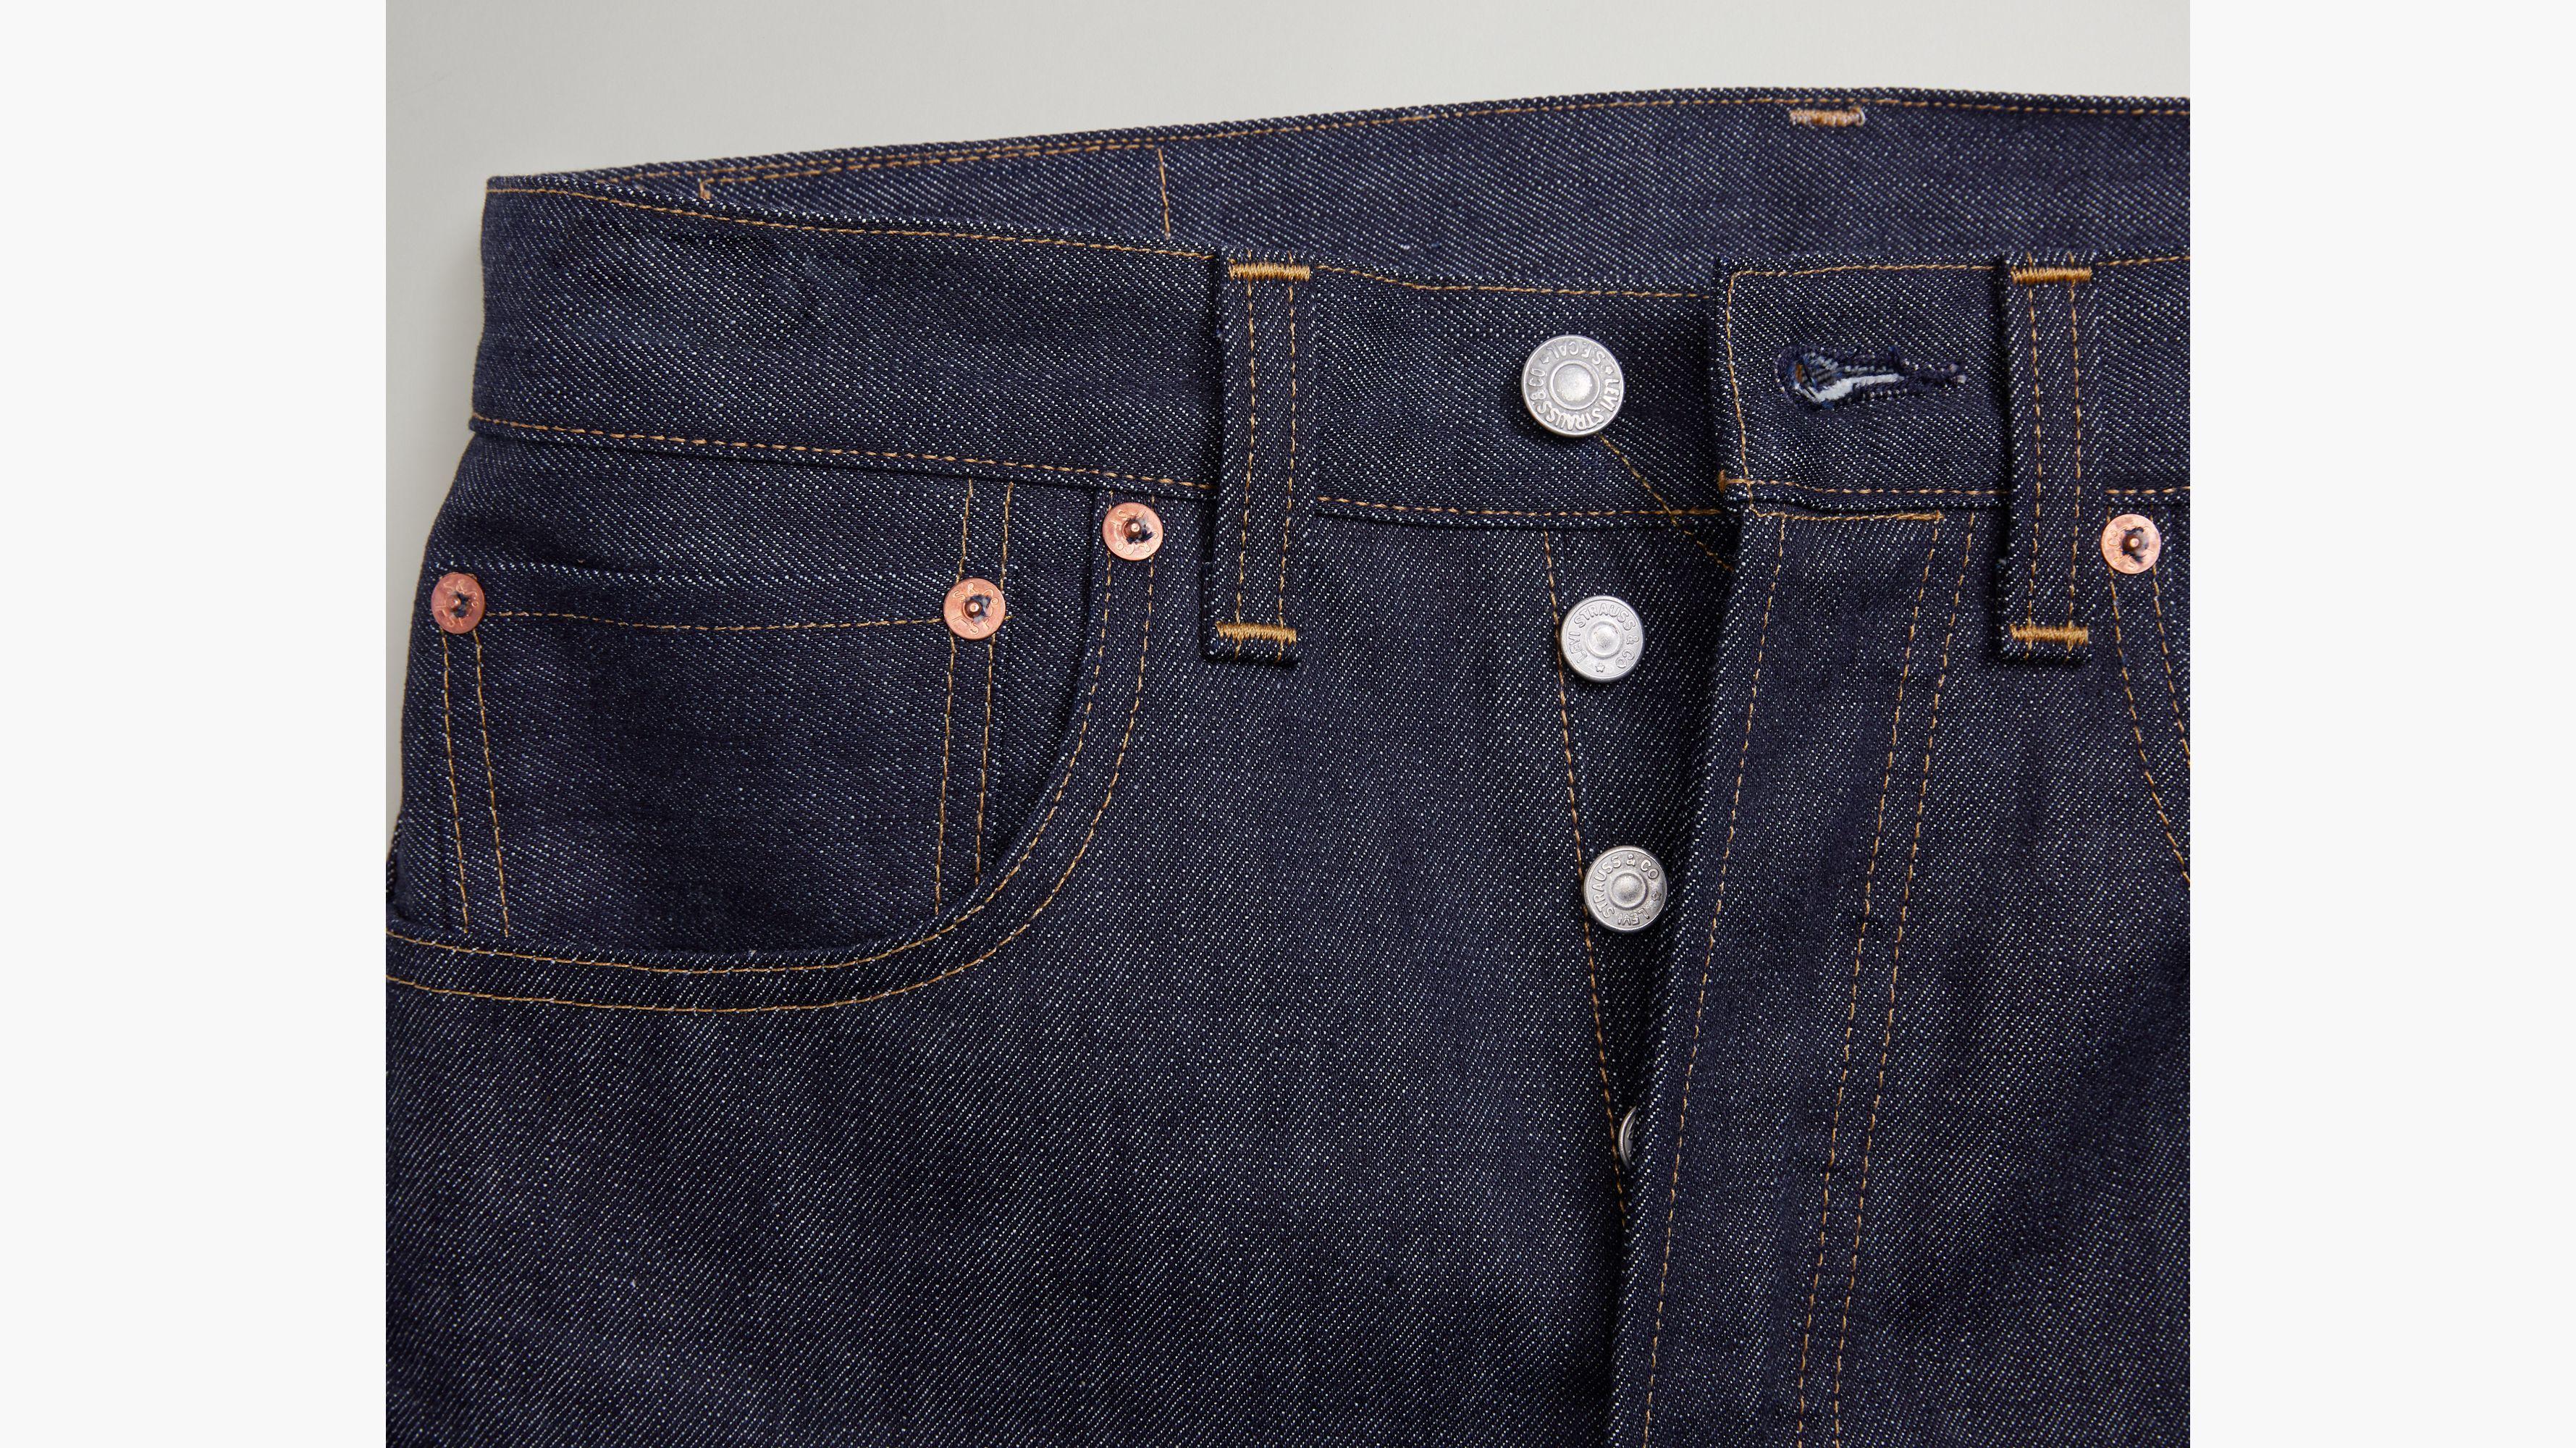 691a70e002b 1947 501® Men's Jeans - Dark Wash | Levi's® US